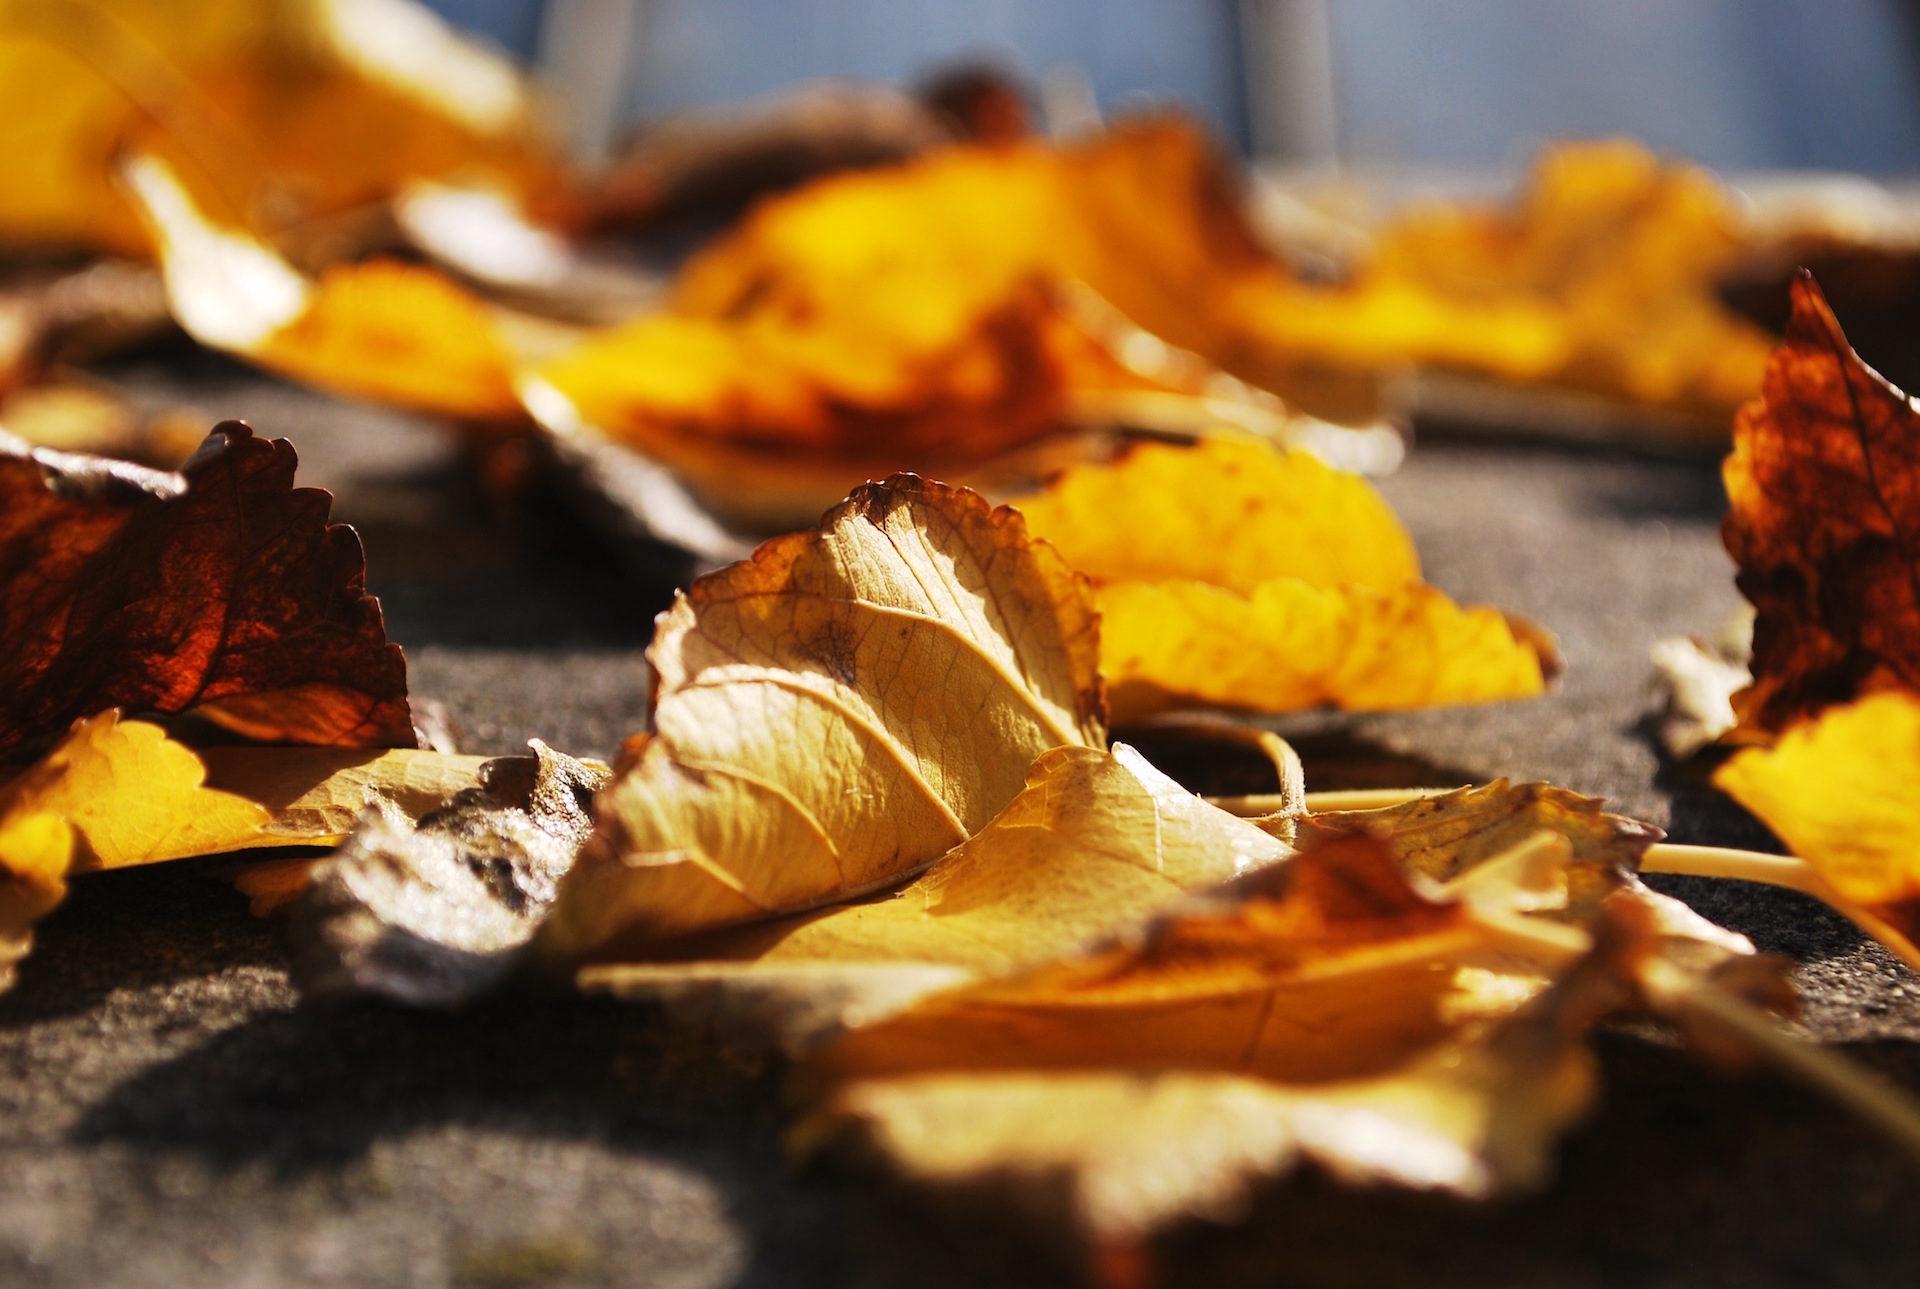 folhas, seca, solo, Outono, caída - Papéis de parede HD - Professor-falken.com